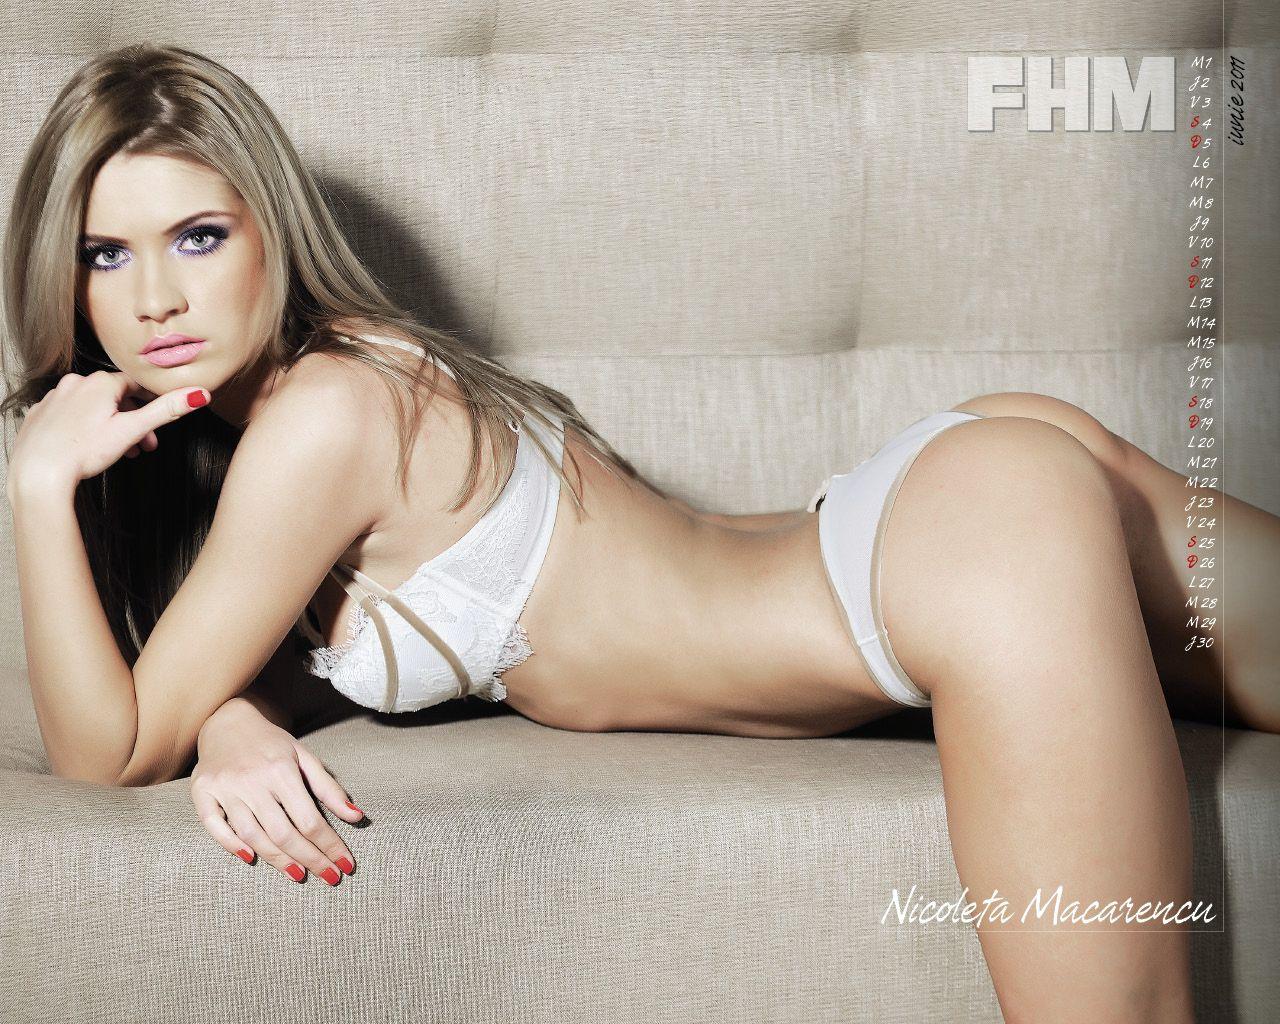 Images Nicoleta Macarencu nude (43 images), Hot